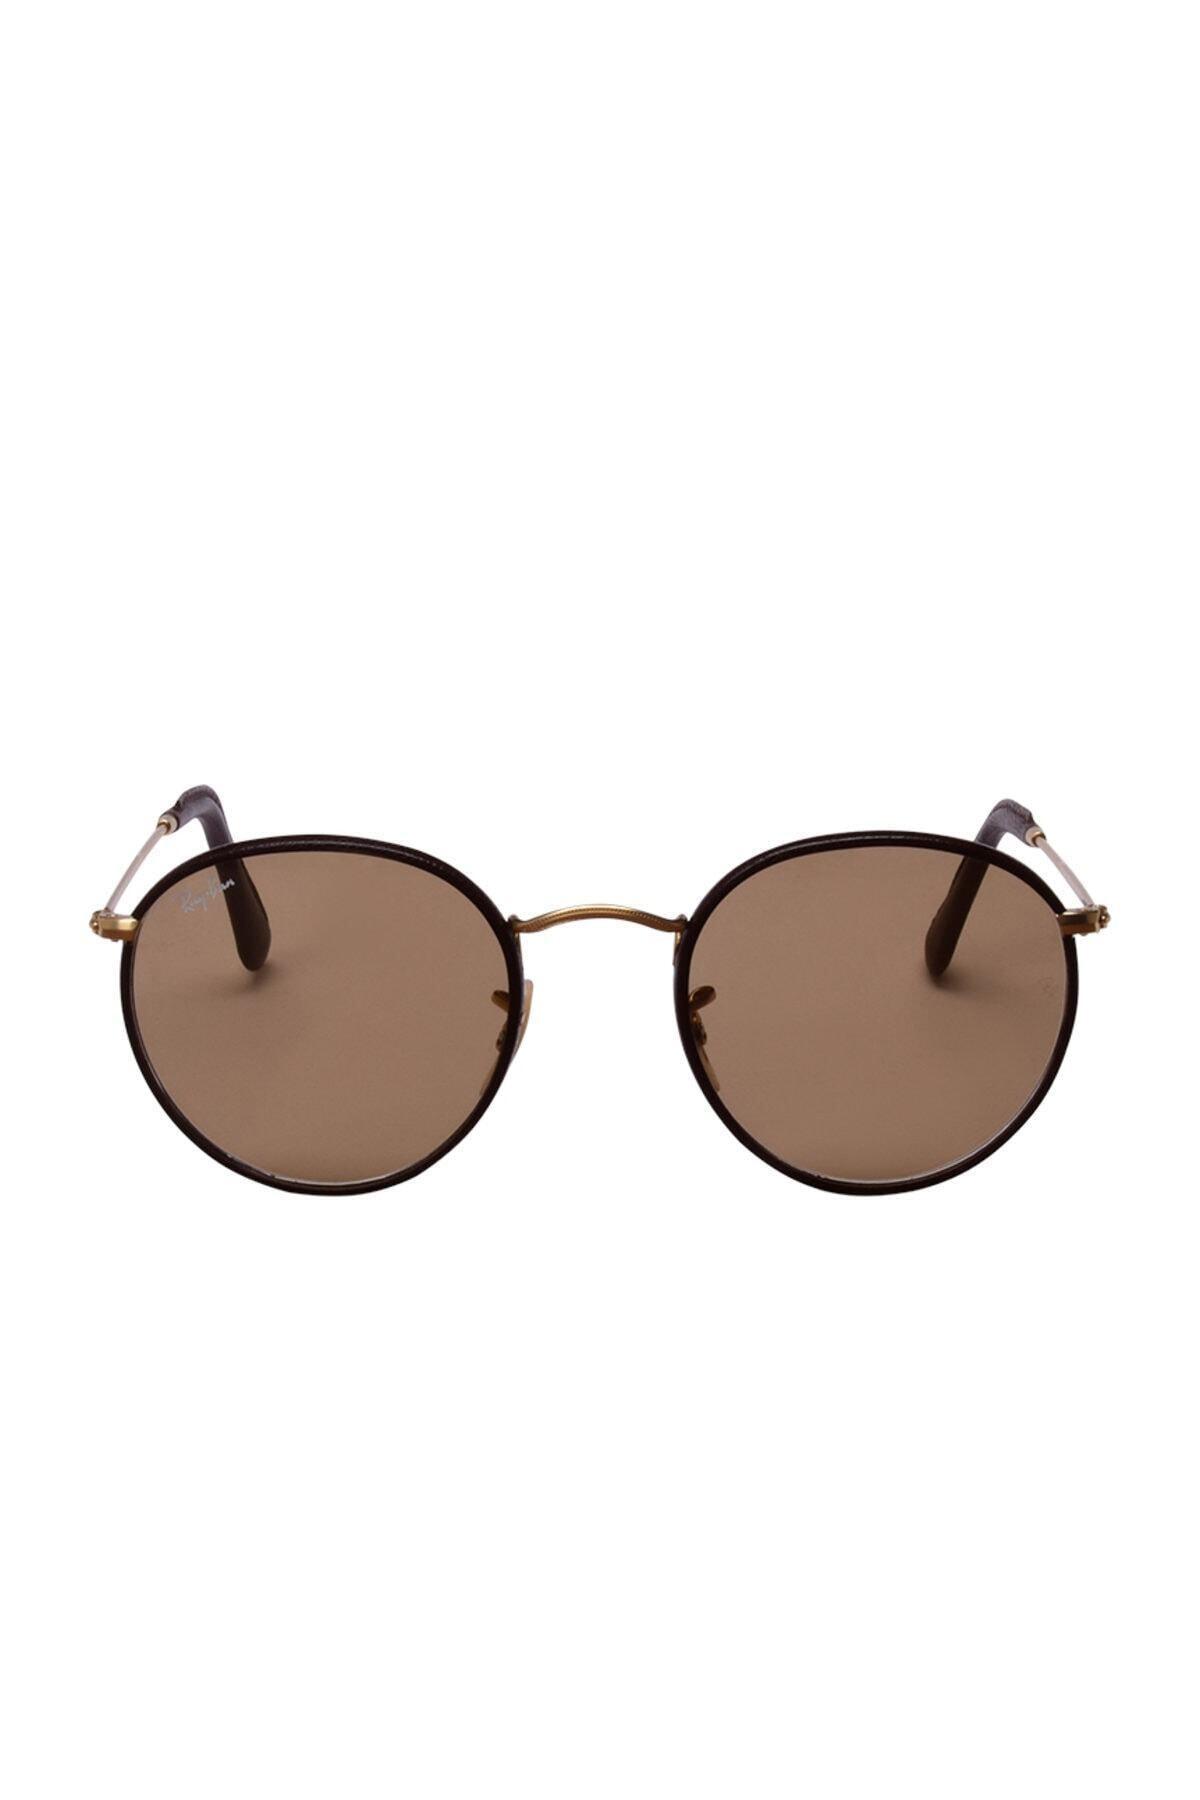 عینک آفتابی مردانه با قیمت برند ری بن کد ty929396